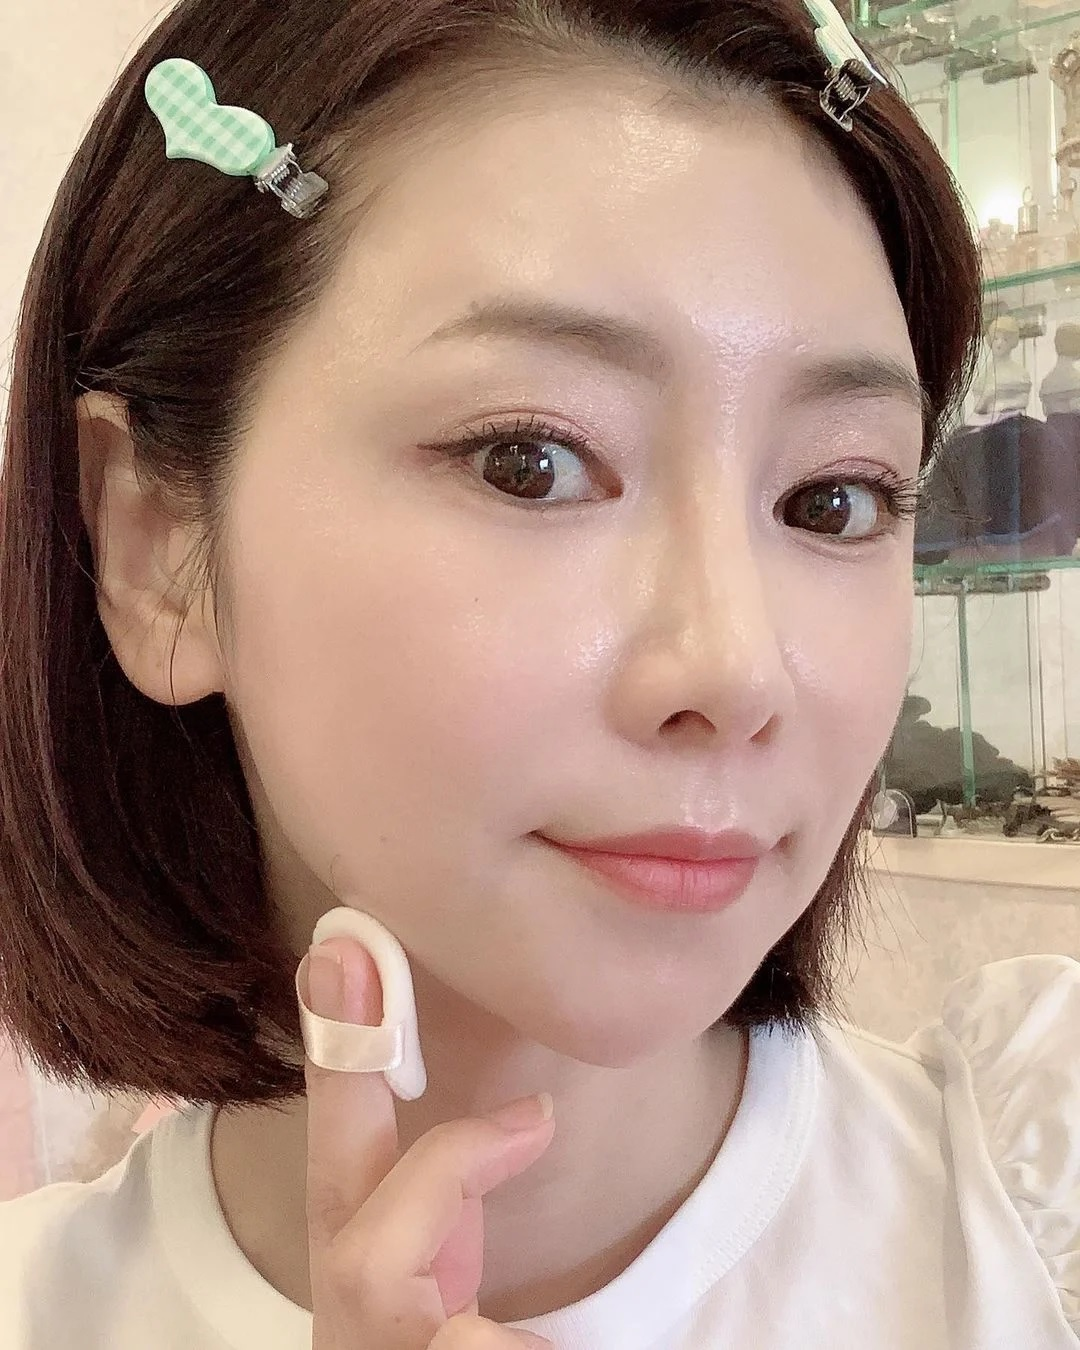 Phù thủy làn da Nhật Bản đã 52 tuổi vẫn trẻ đẹp như đôi mươi nhờ cách skincare 333 cho sáng chiều tối - Hình 9